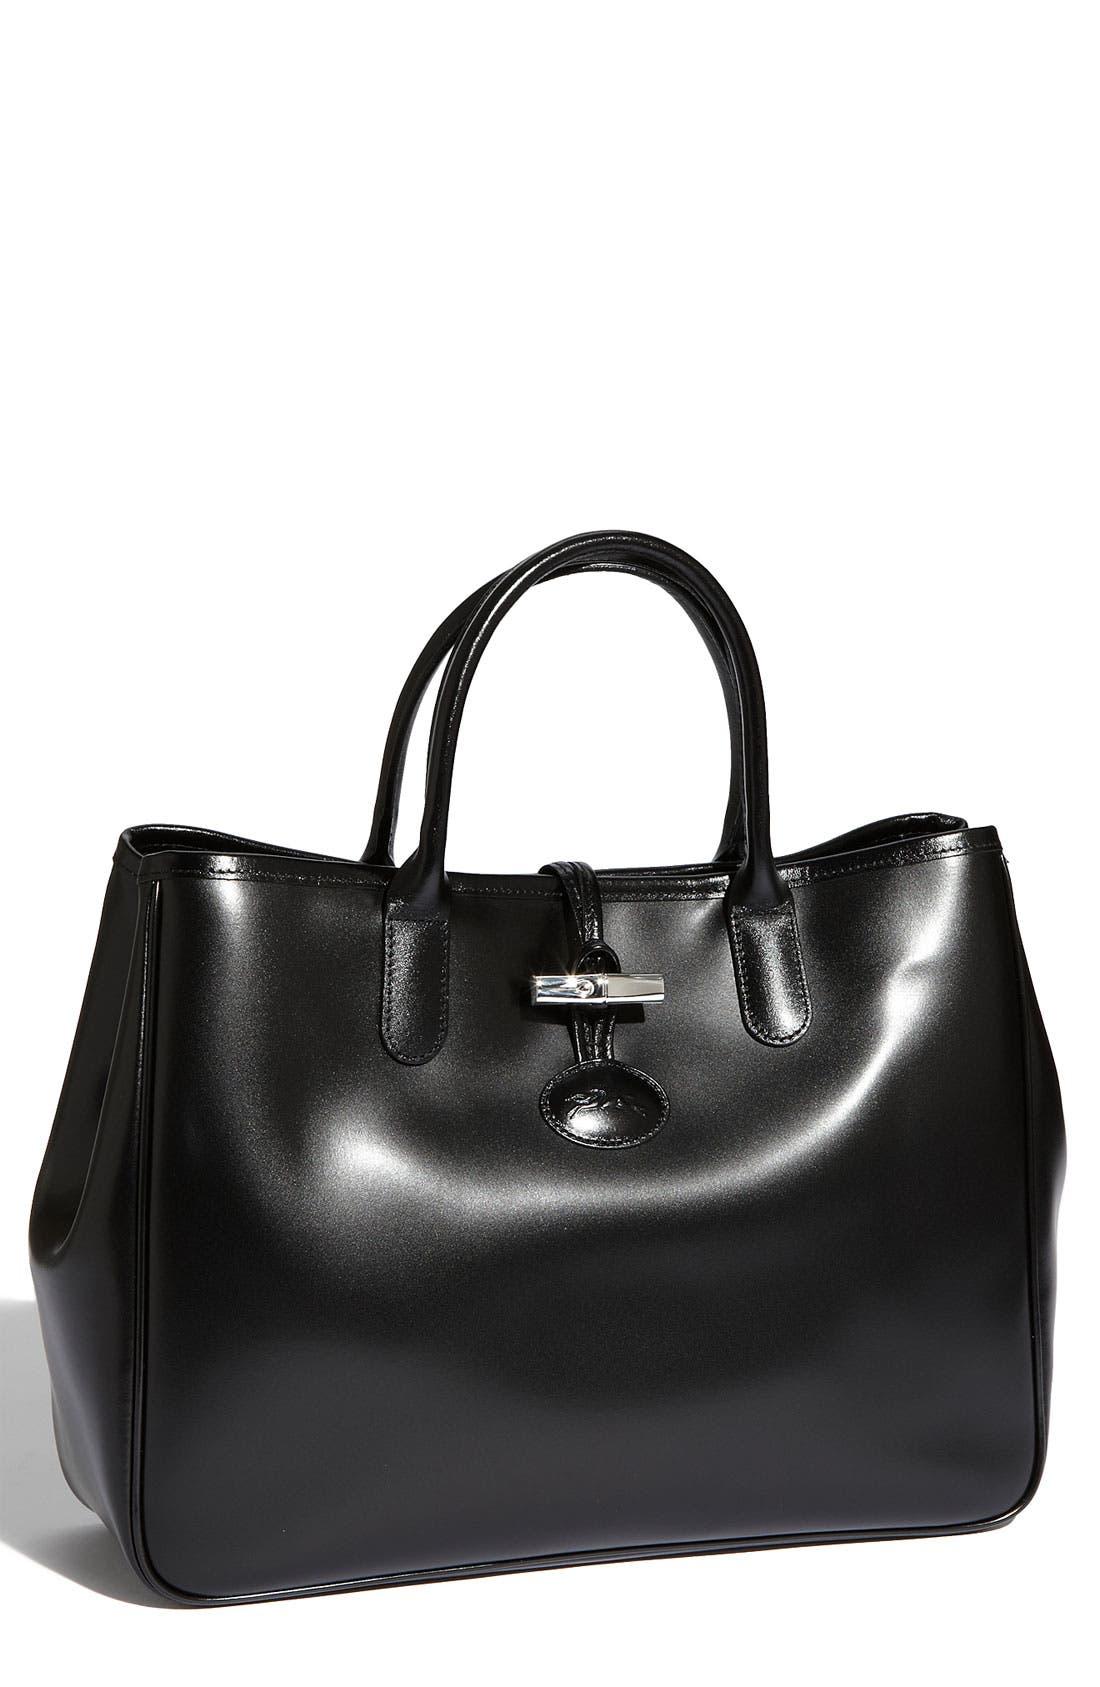 Main Image - Longchamp 'Roseau' Tote